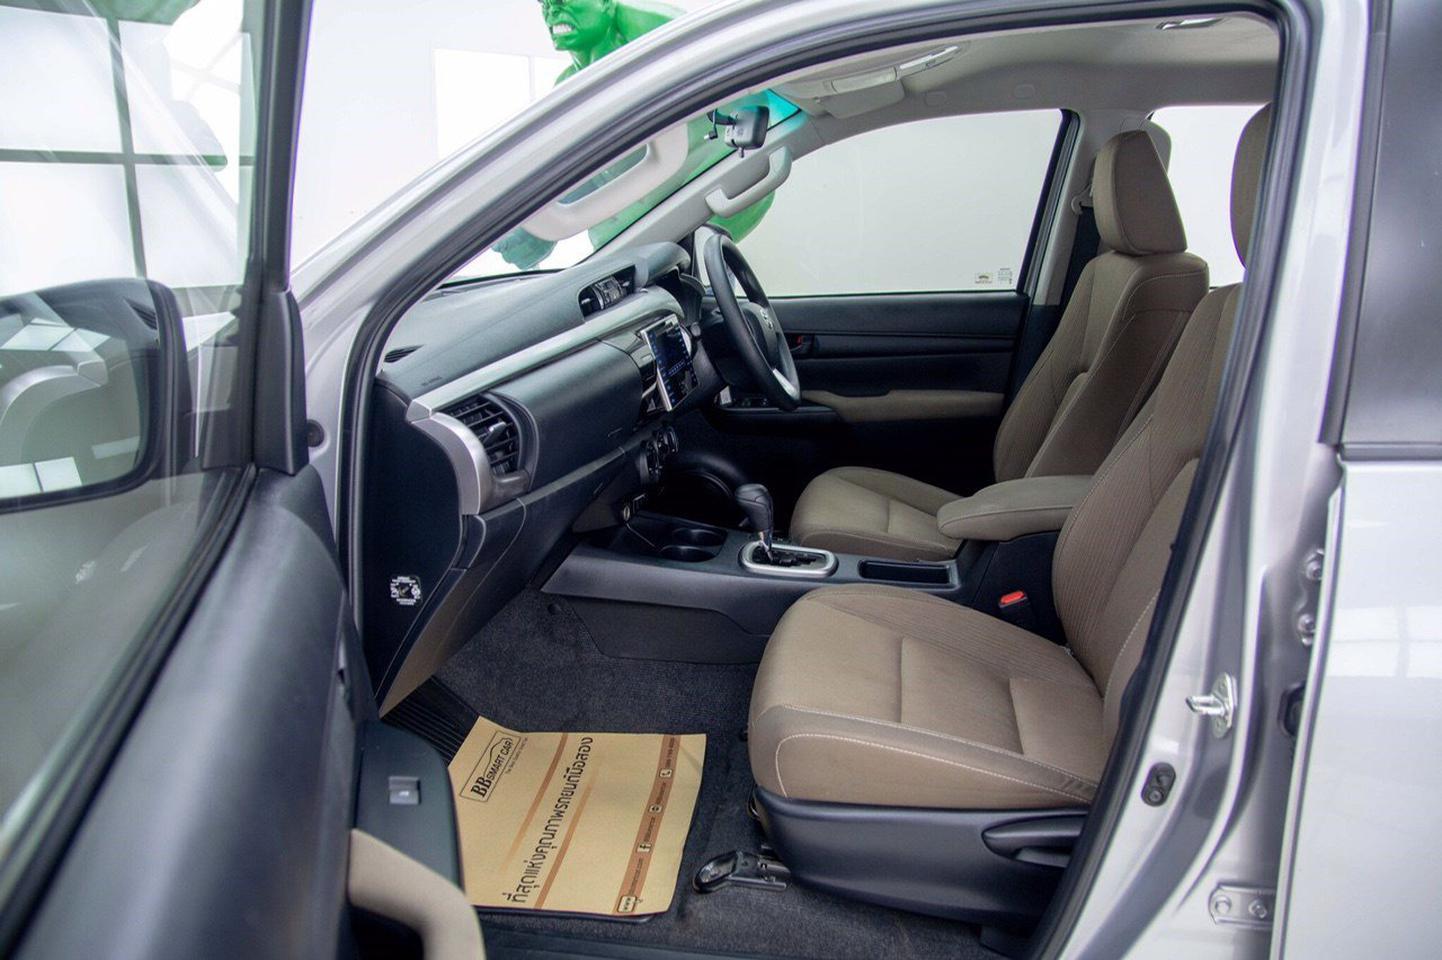 รถยนต์มือสองคุณภาพดีพร้อมใช้งานรับประกันคุณภาพ รูปที่ 3